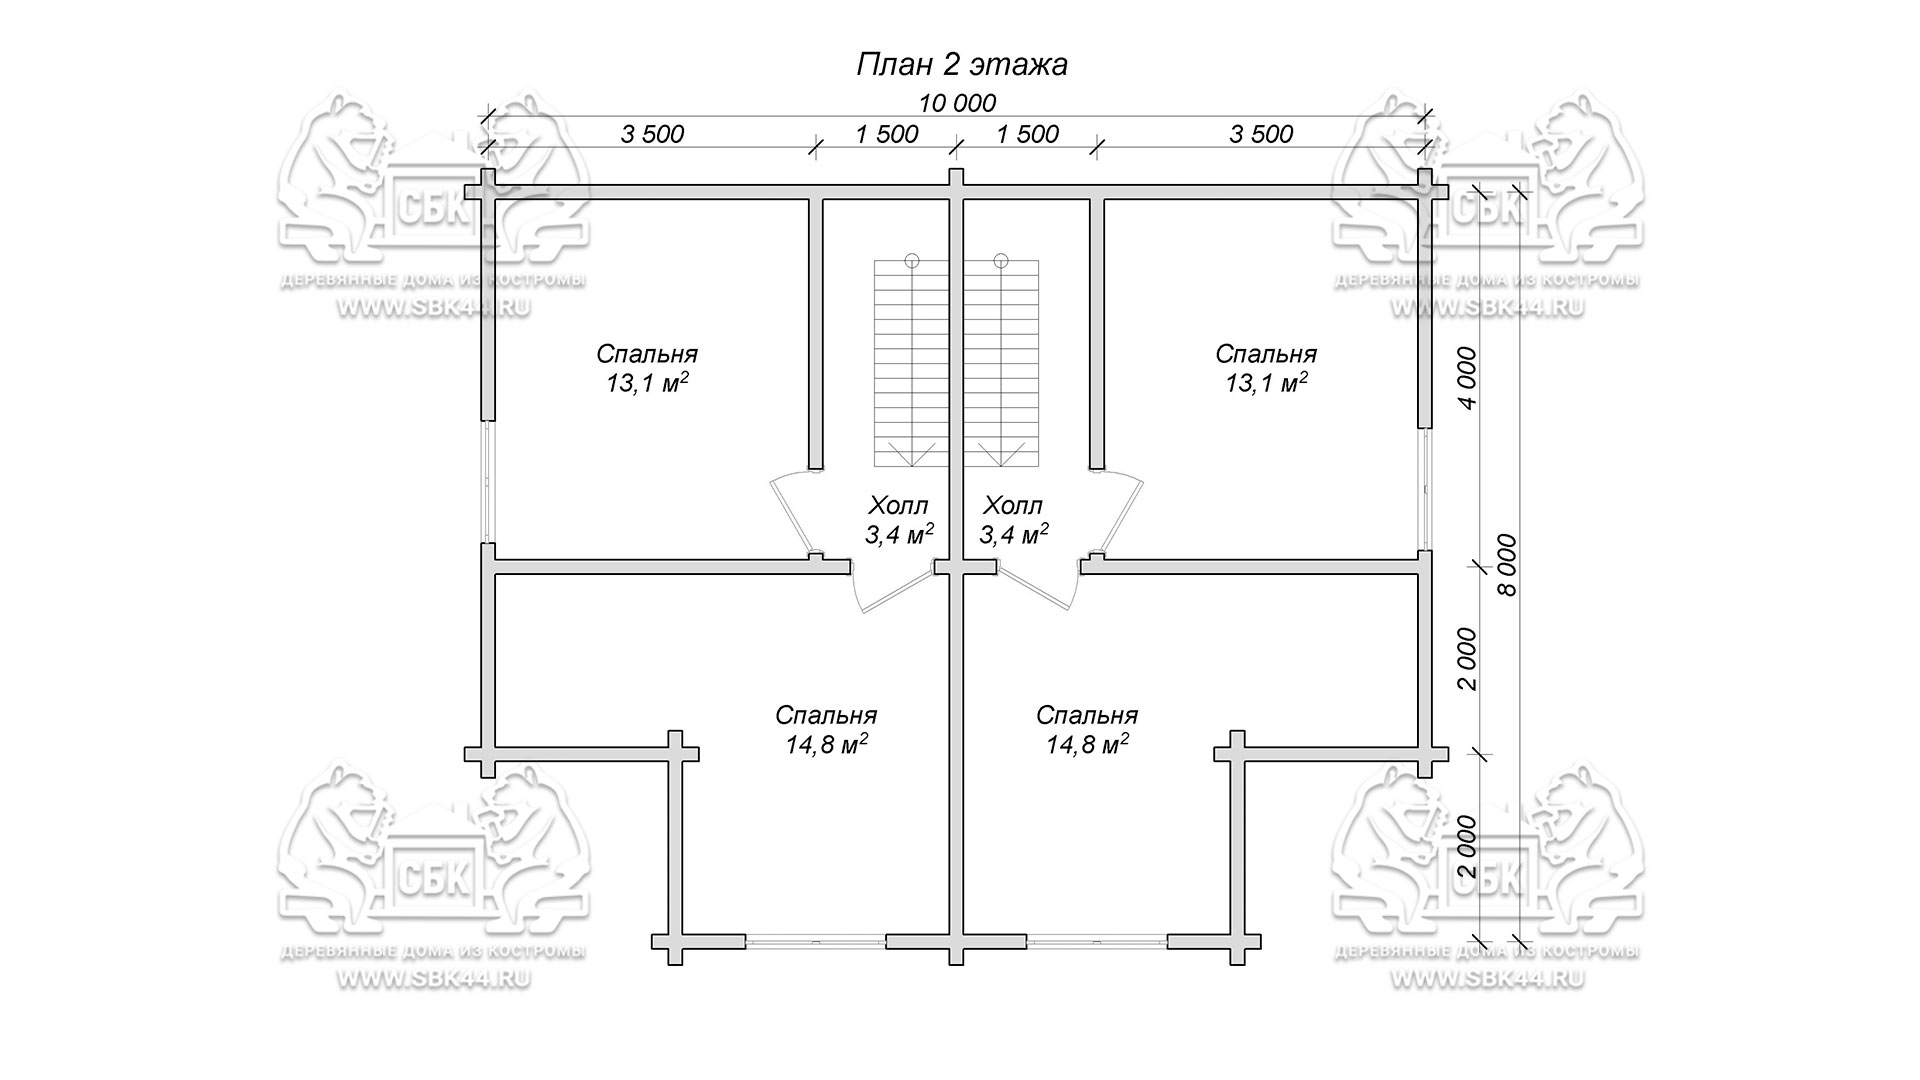 Проект дома из бруса в чашу 10 х 8 м «Романов» - на две семьи, для коттеджных поселков, для баз отдыха - план 2-го этажа